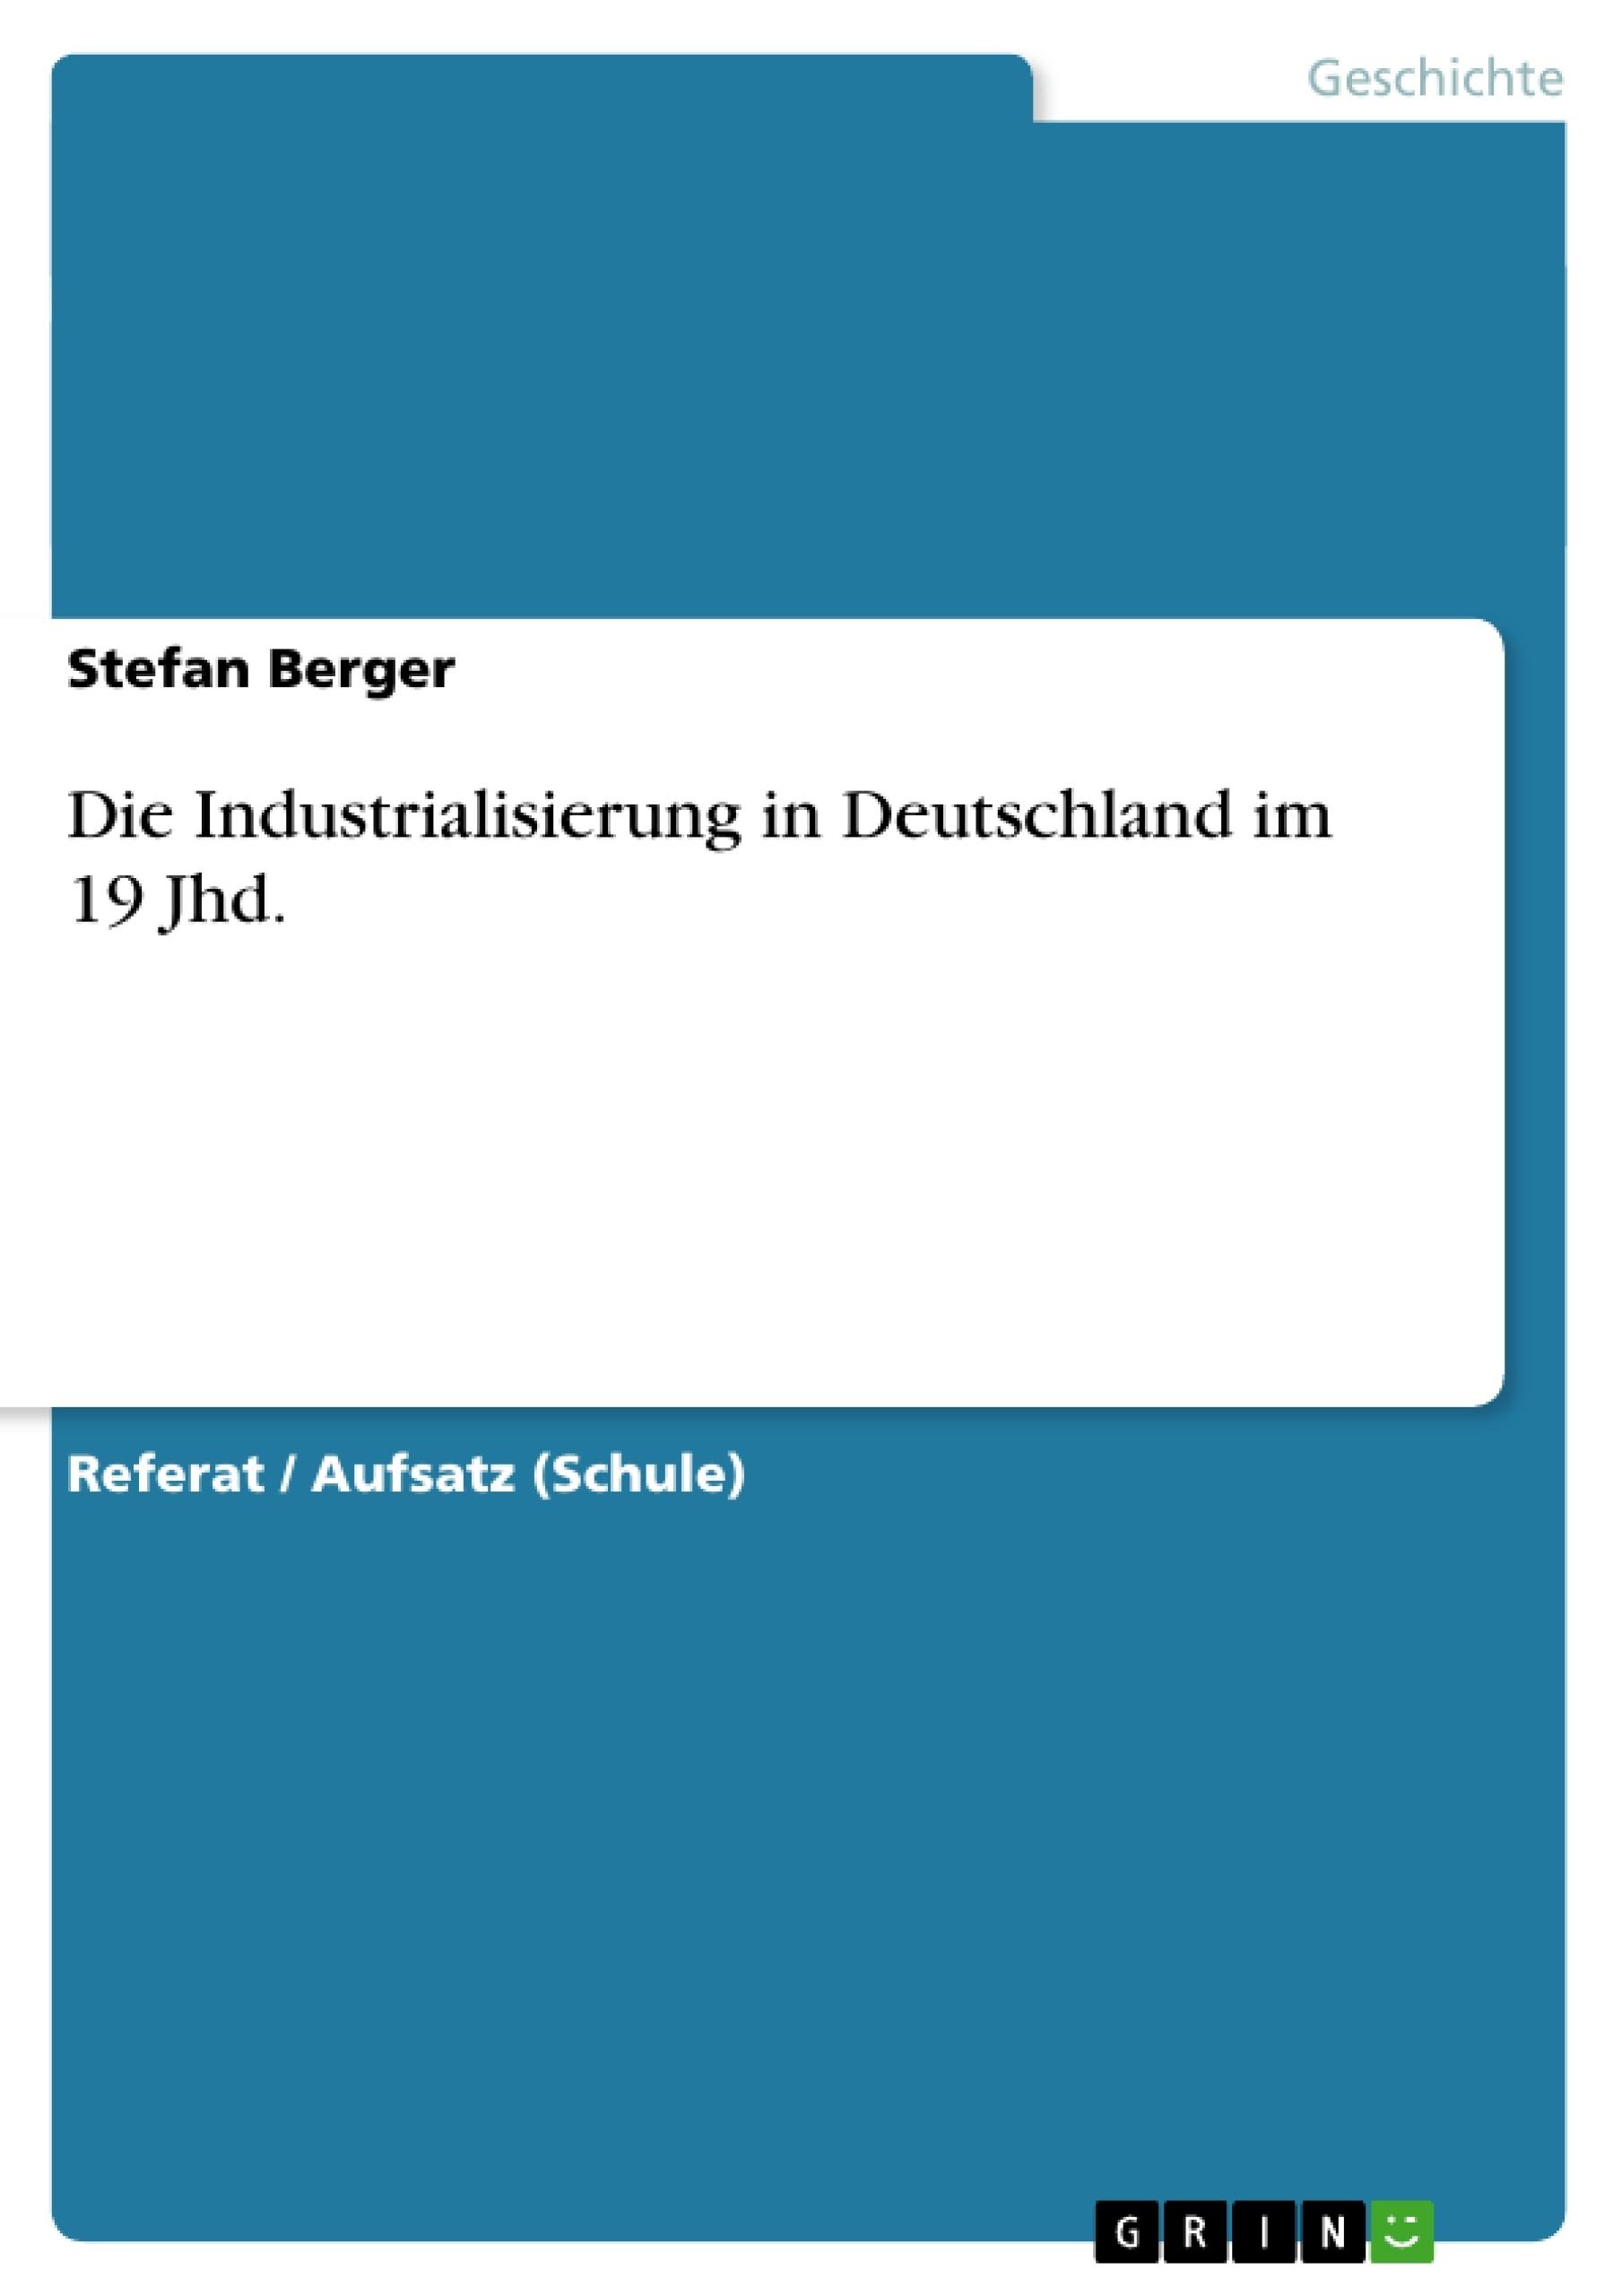 Titel: Die Industrialisierung in Deutschland im 19 Jhd.